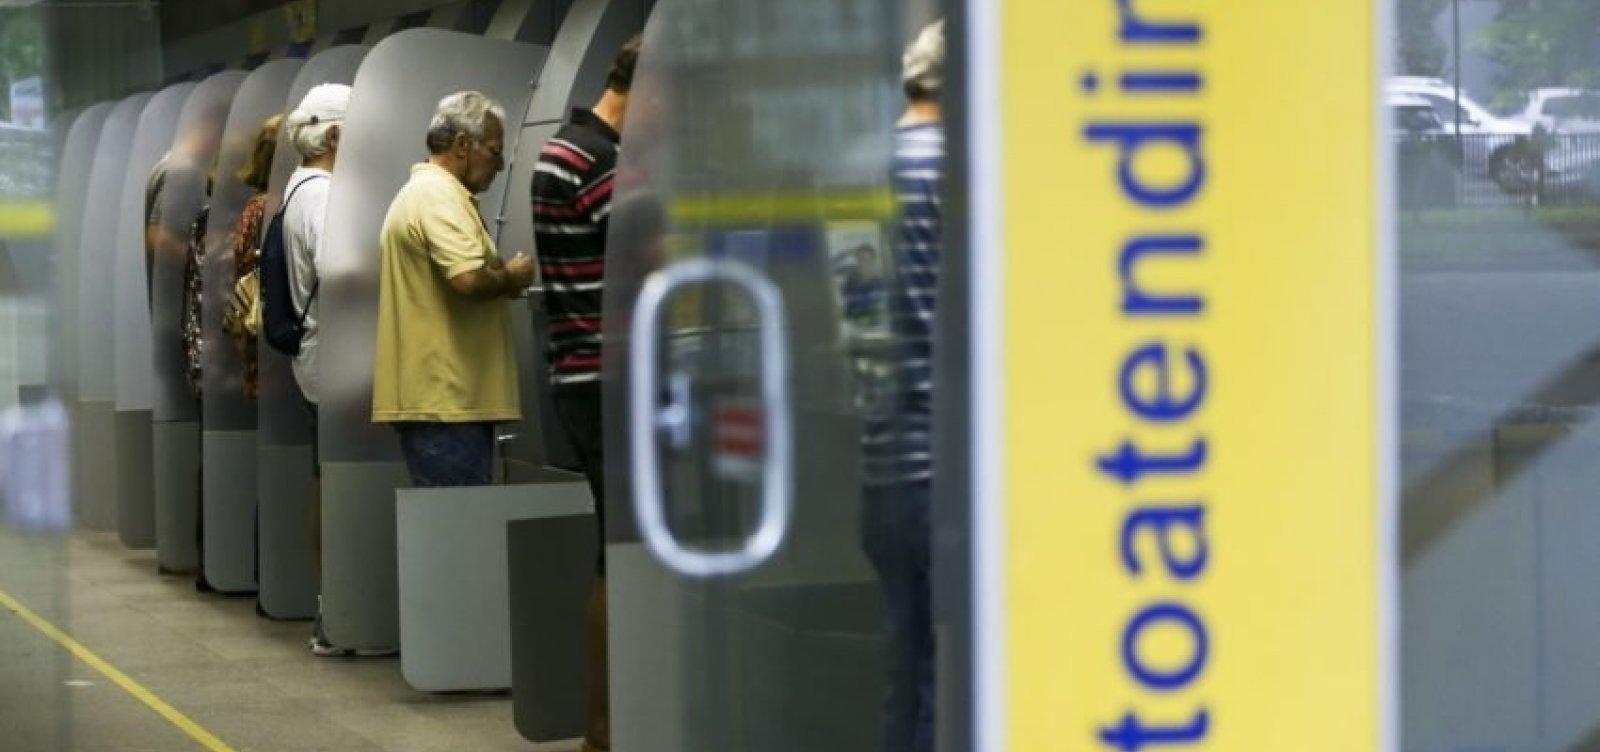 Mesmo com cancelamento de ponto facultativo, bancos não funcionarão na Bahia no Carnaval